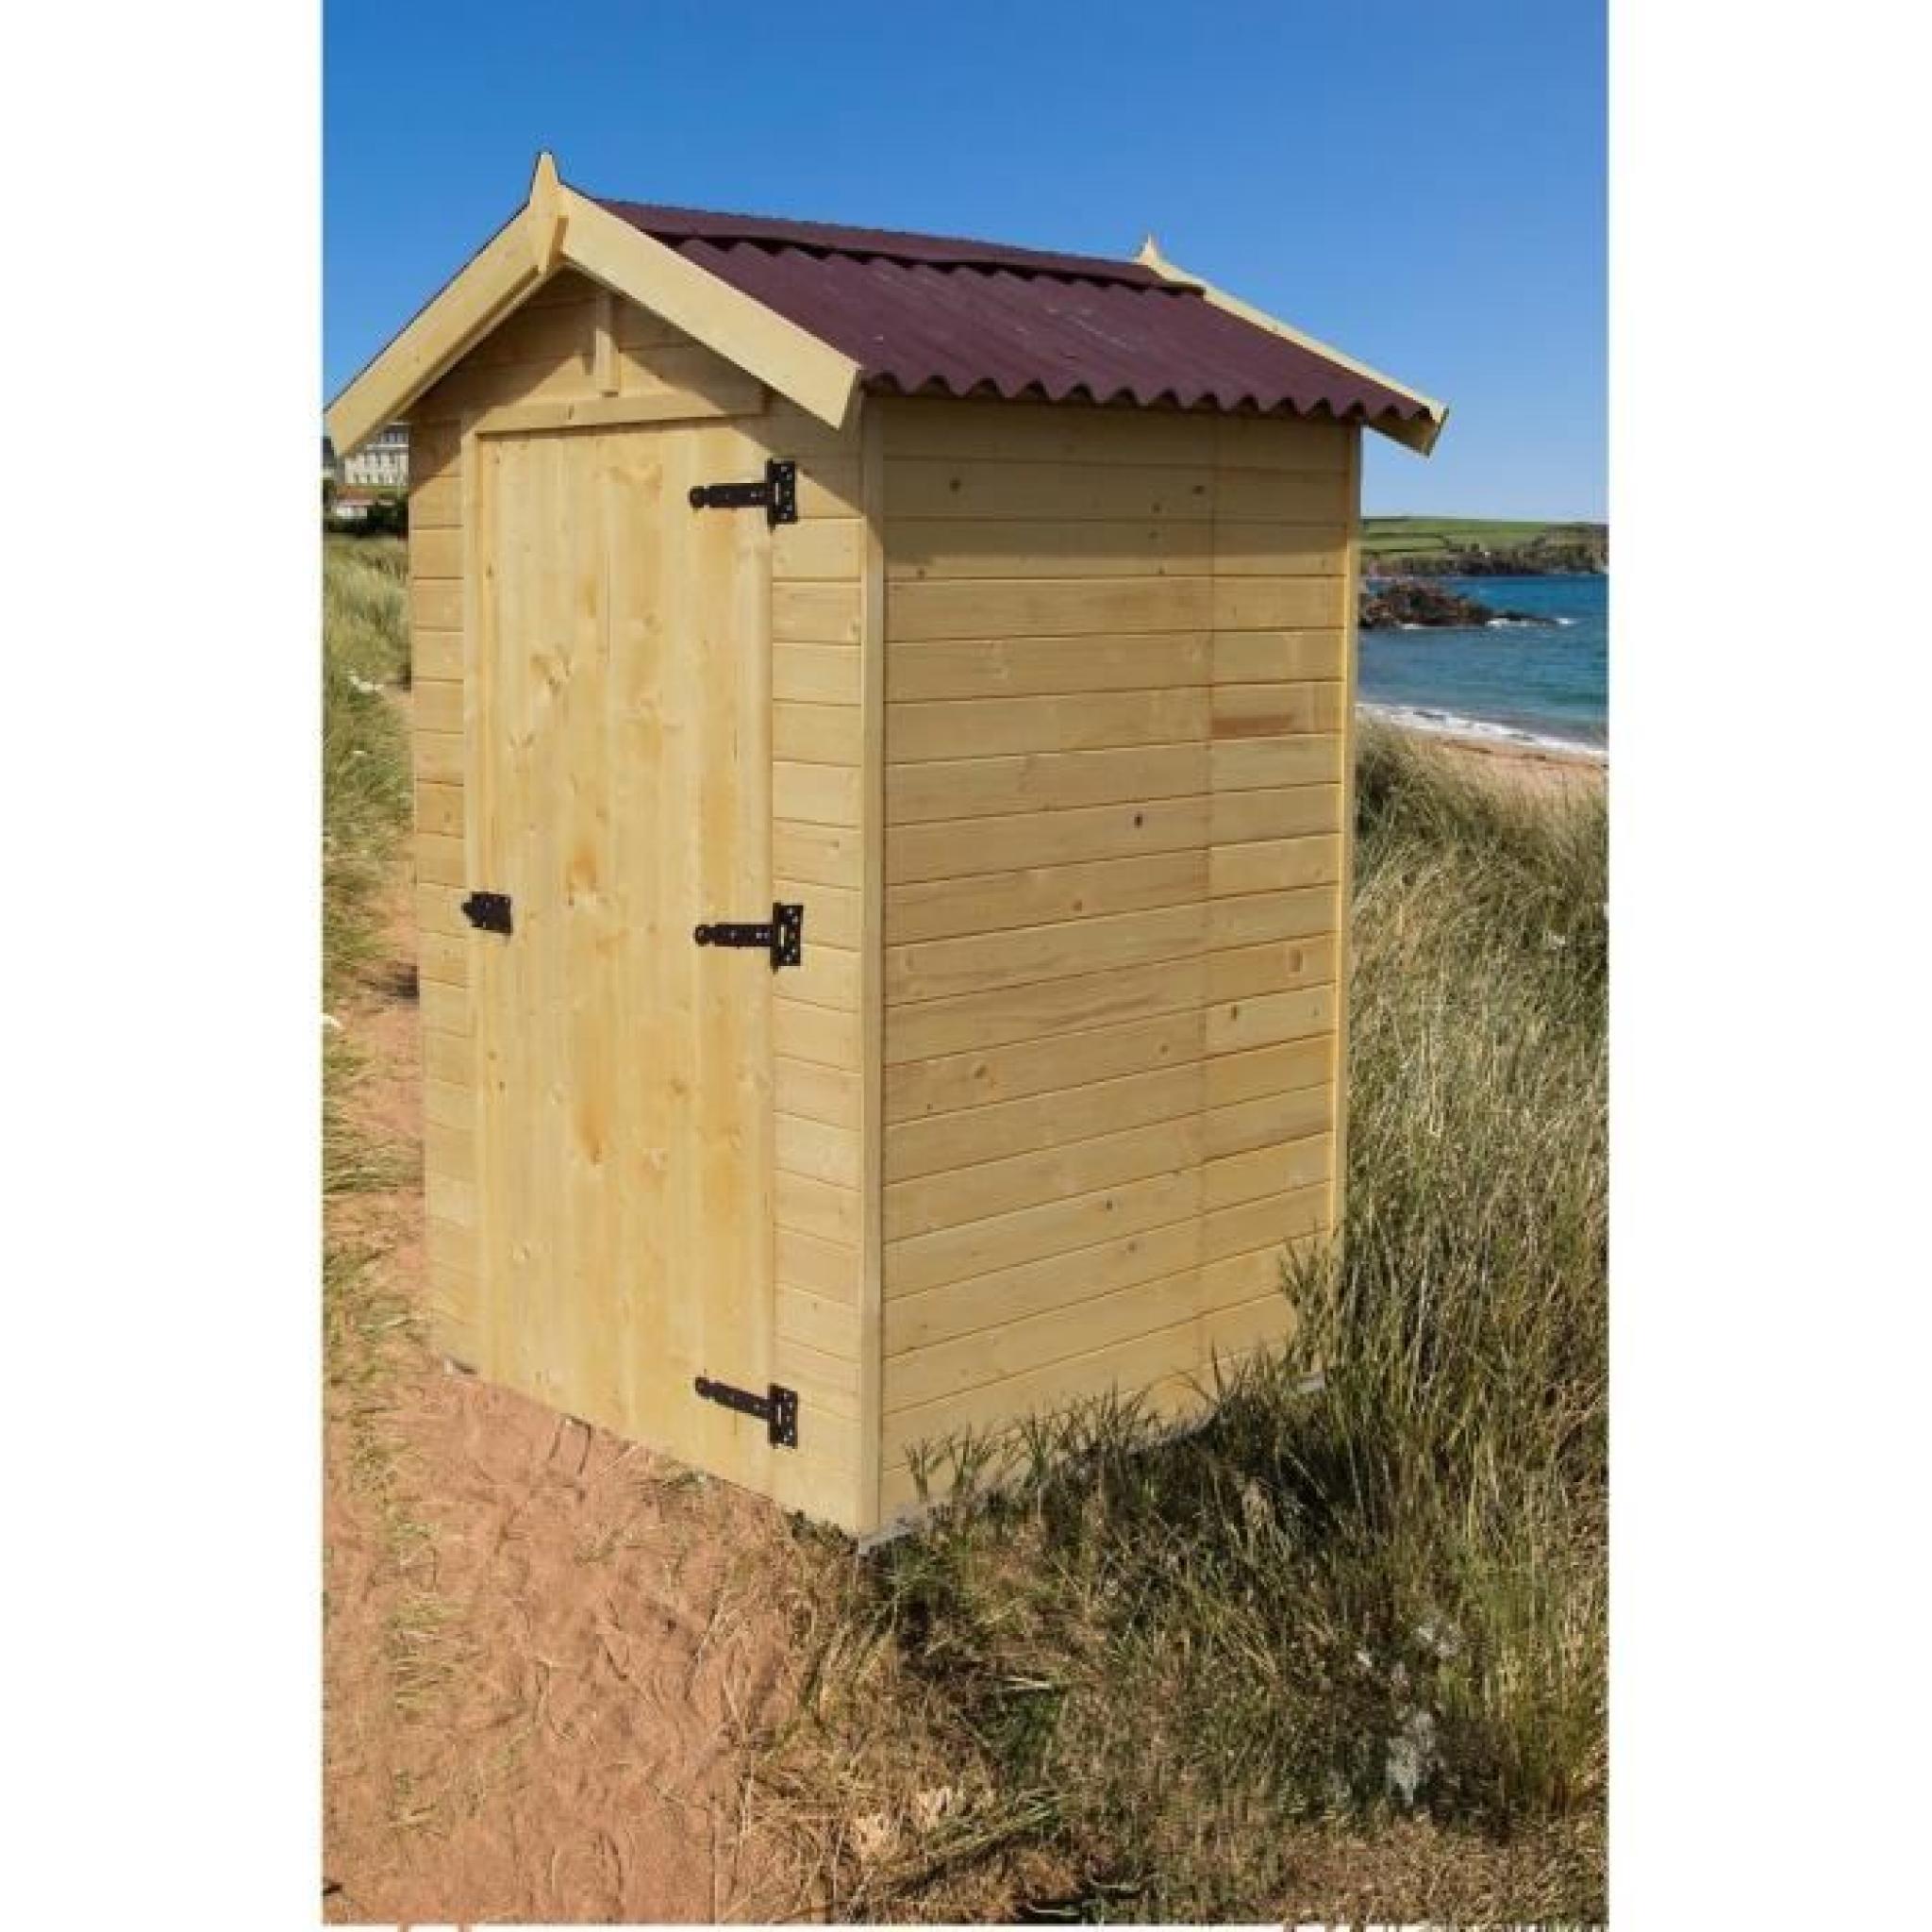 Abri de jardin 2,03m² en bois - Toiture en plaques ondulées - Achat/Vente abri de jardin en bois ...